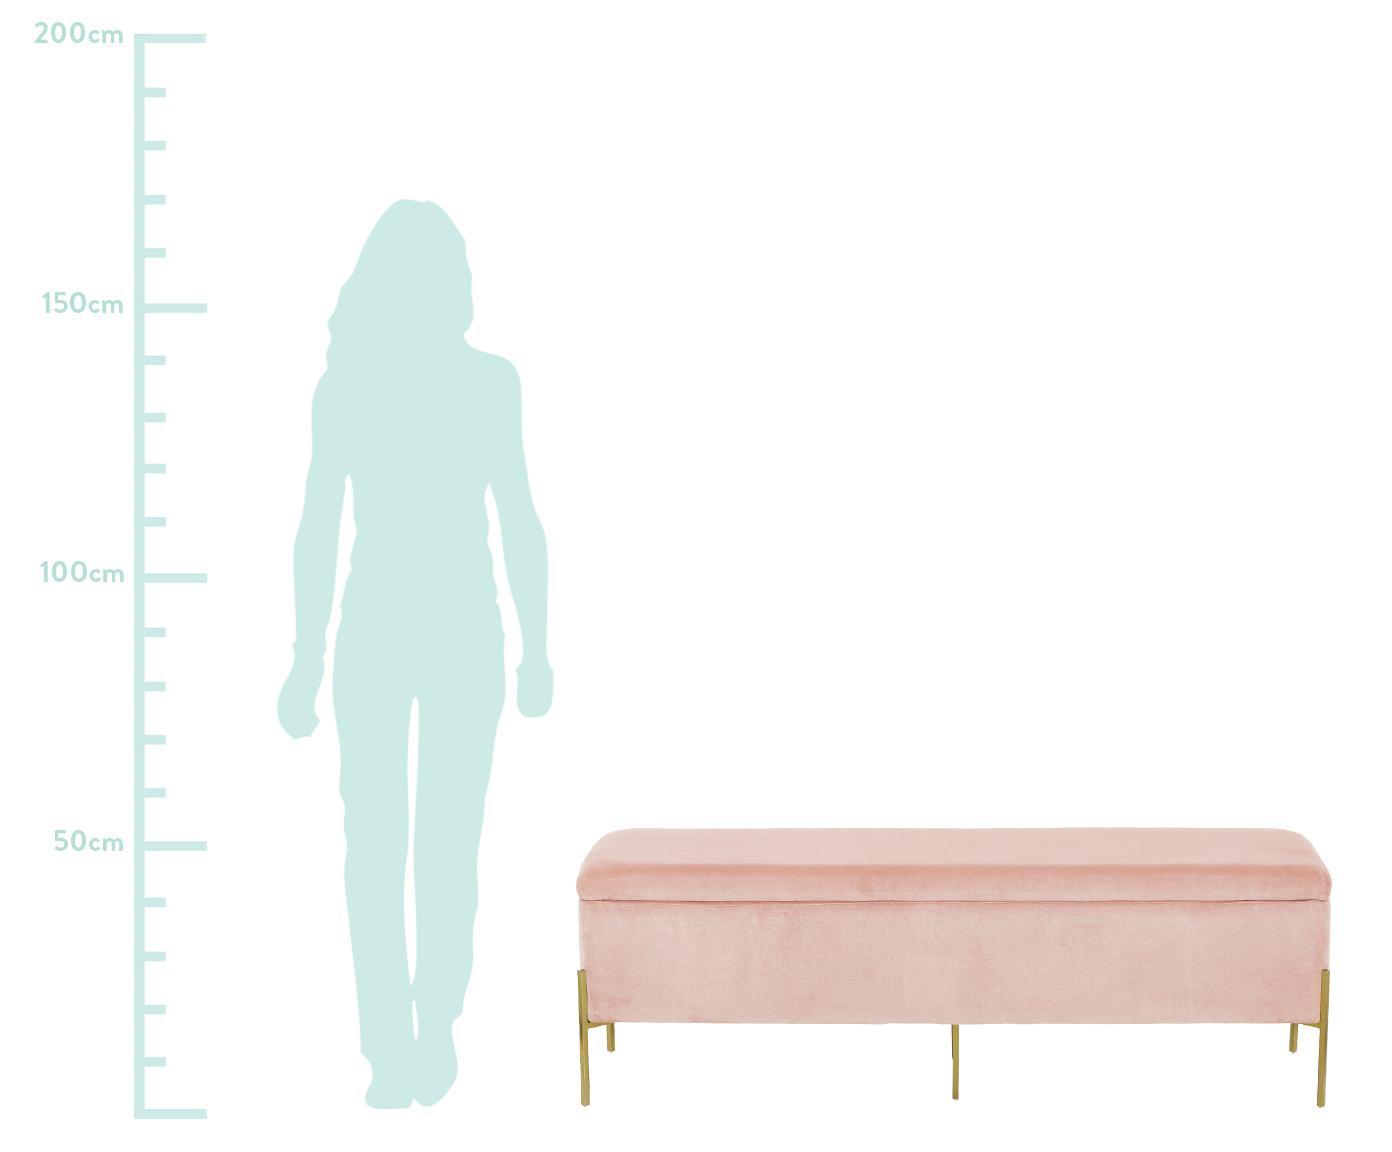 Ławka z aksamitu Harper, Tapicerka: aksamit bawełniany 20000, Noga: metal malowany proszkowo, Tapicerka: brudny różowy Nogi: odcienie złotego, matowy, S 140 x W 45 cm